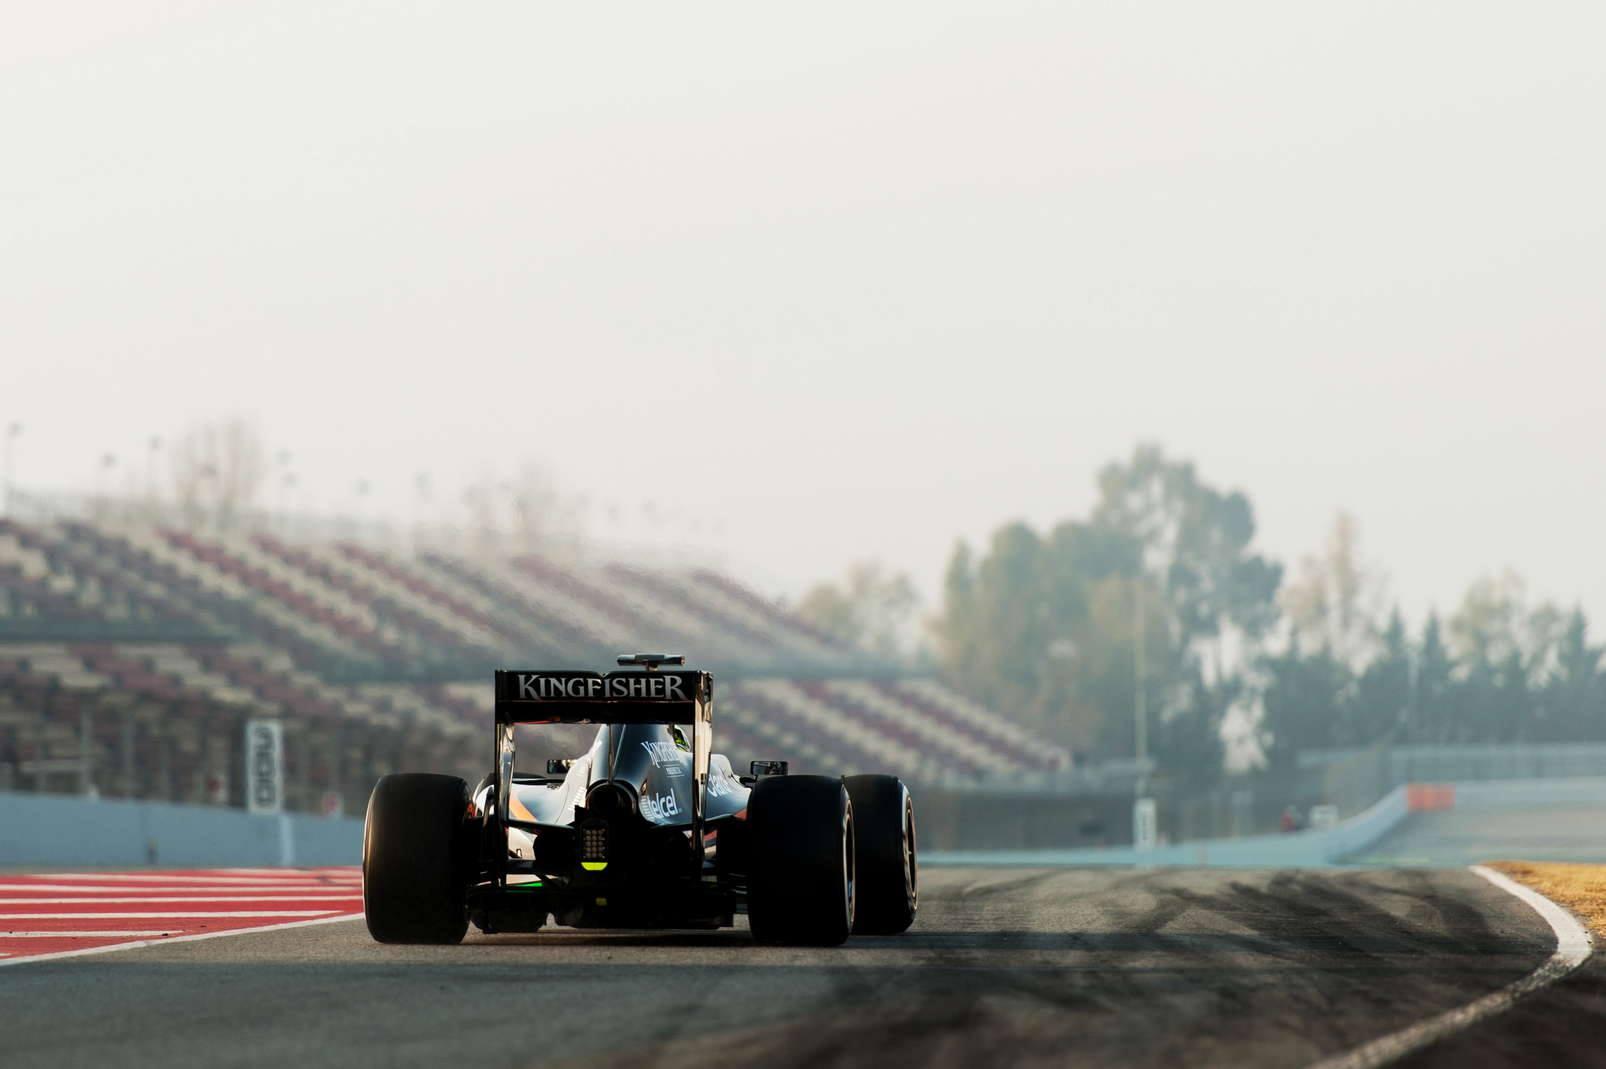 La VJM07 qui roulait la semaine passée à Barcelone